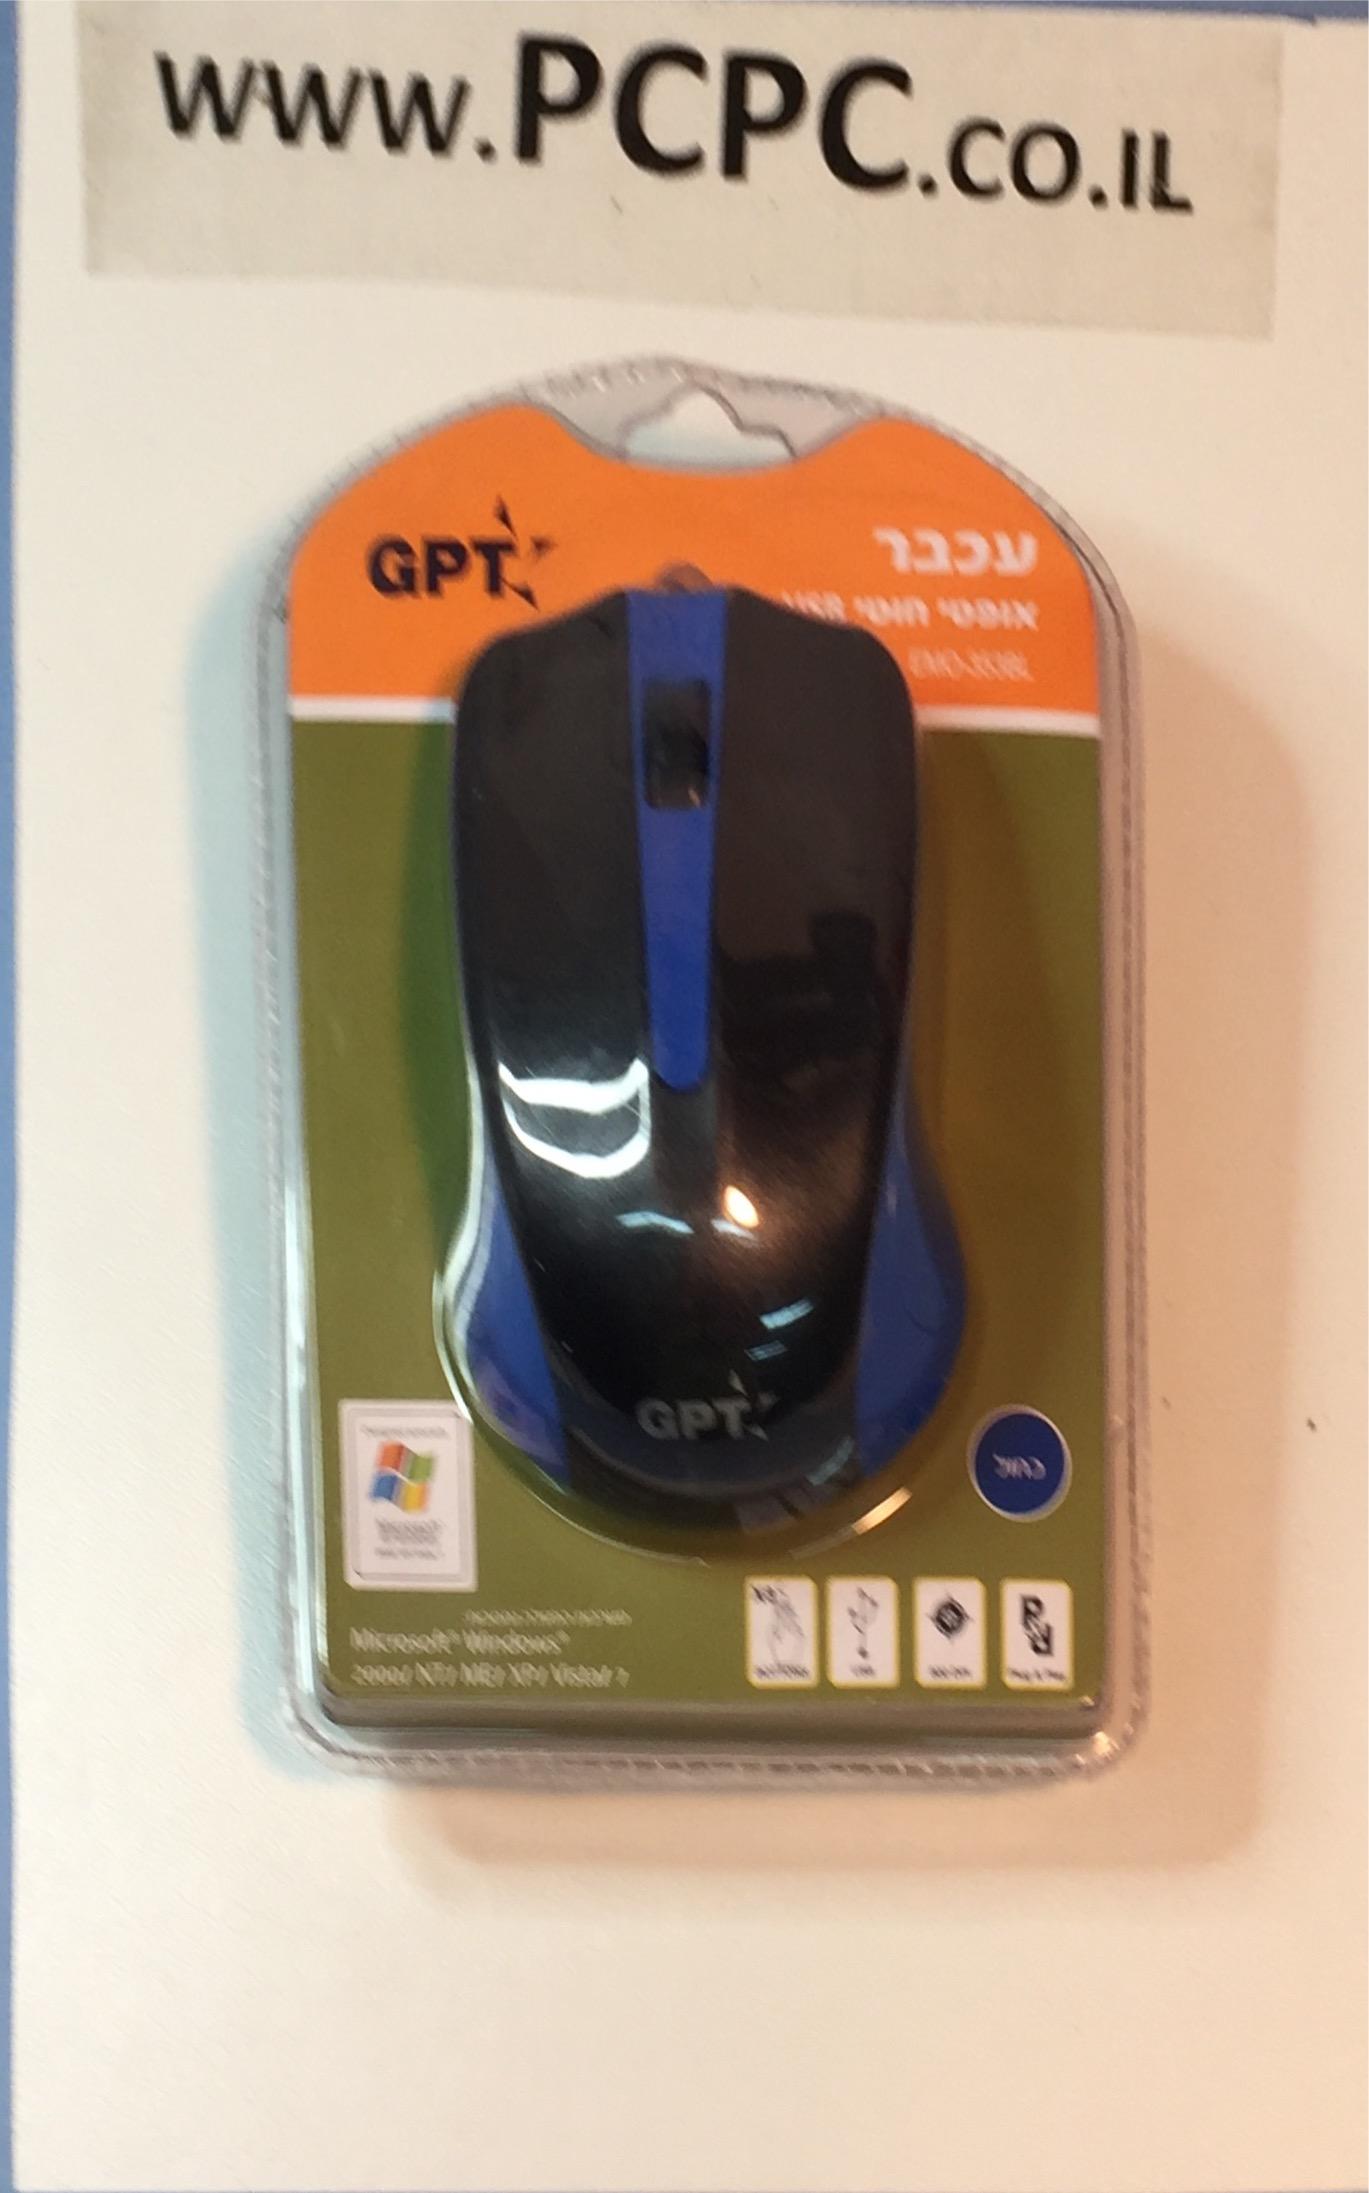 עכבר אופטי GPT USB 800DPI  EMO-353BL